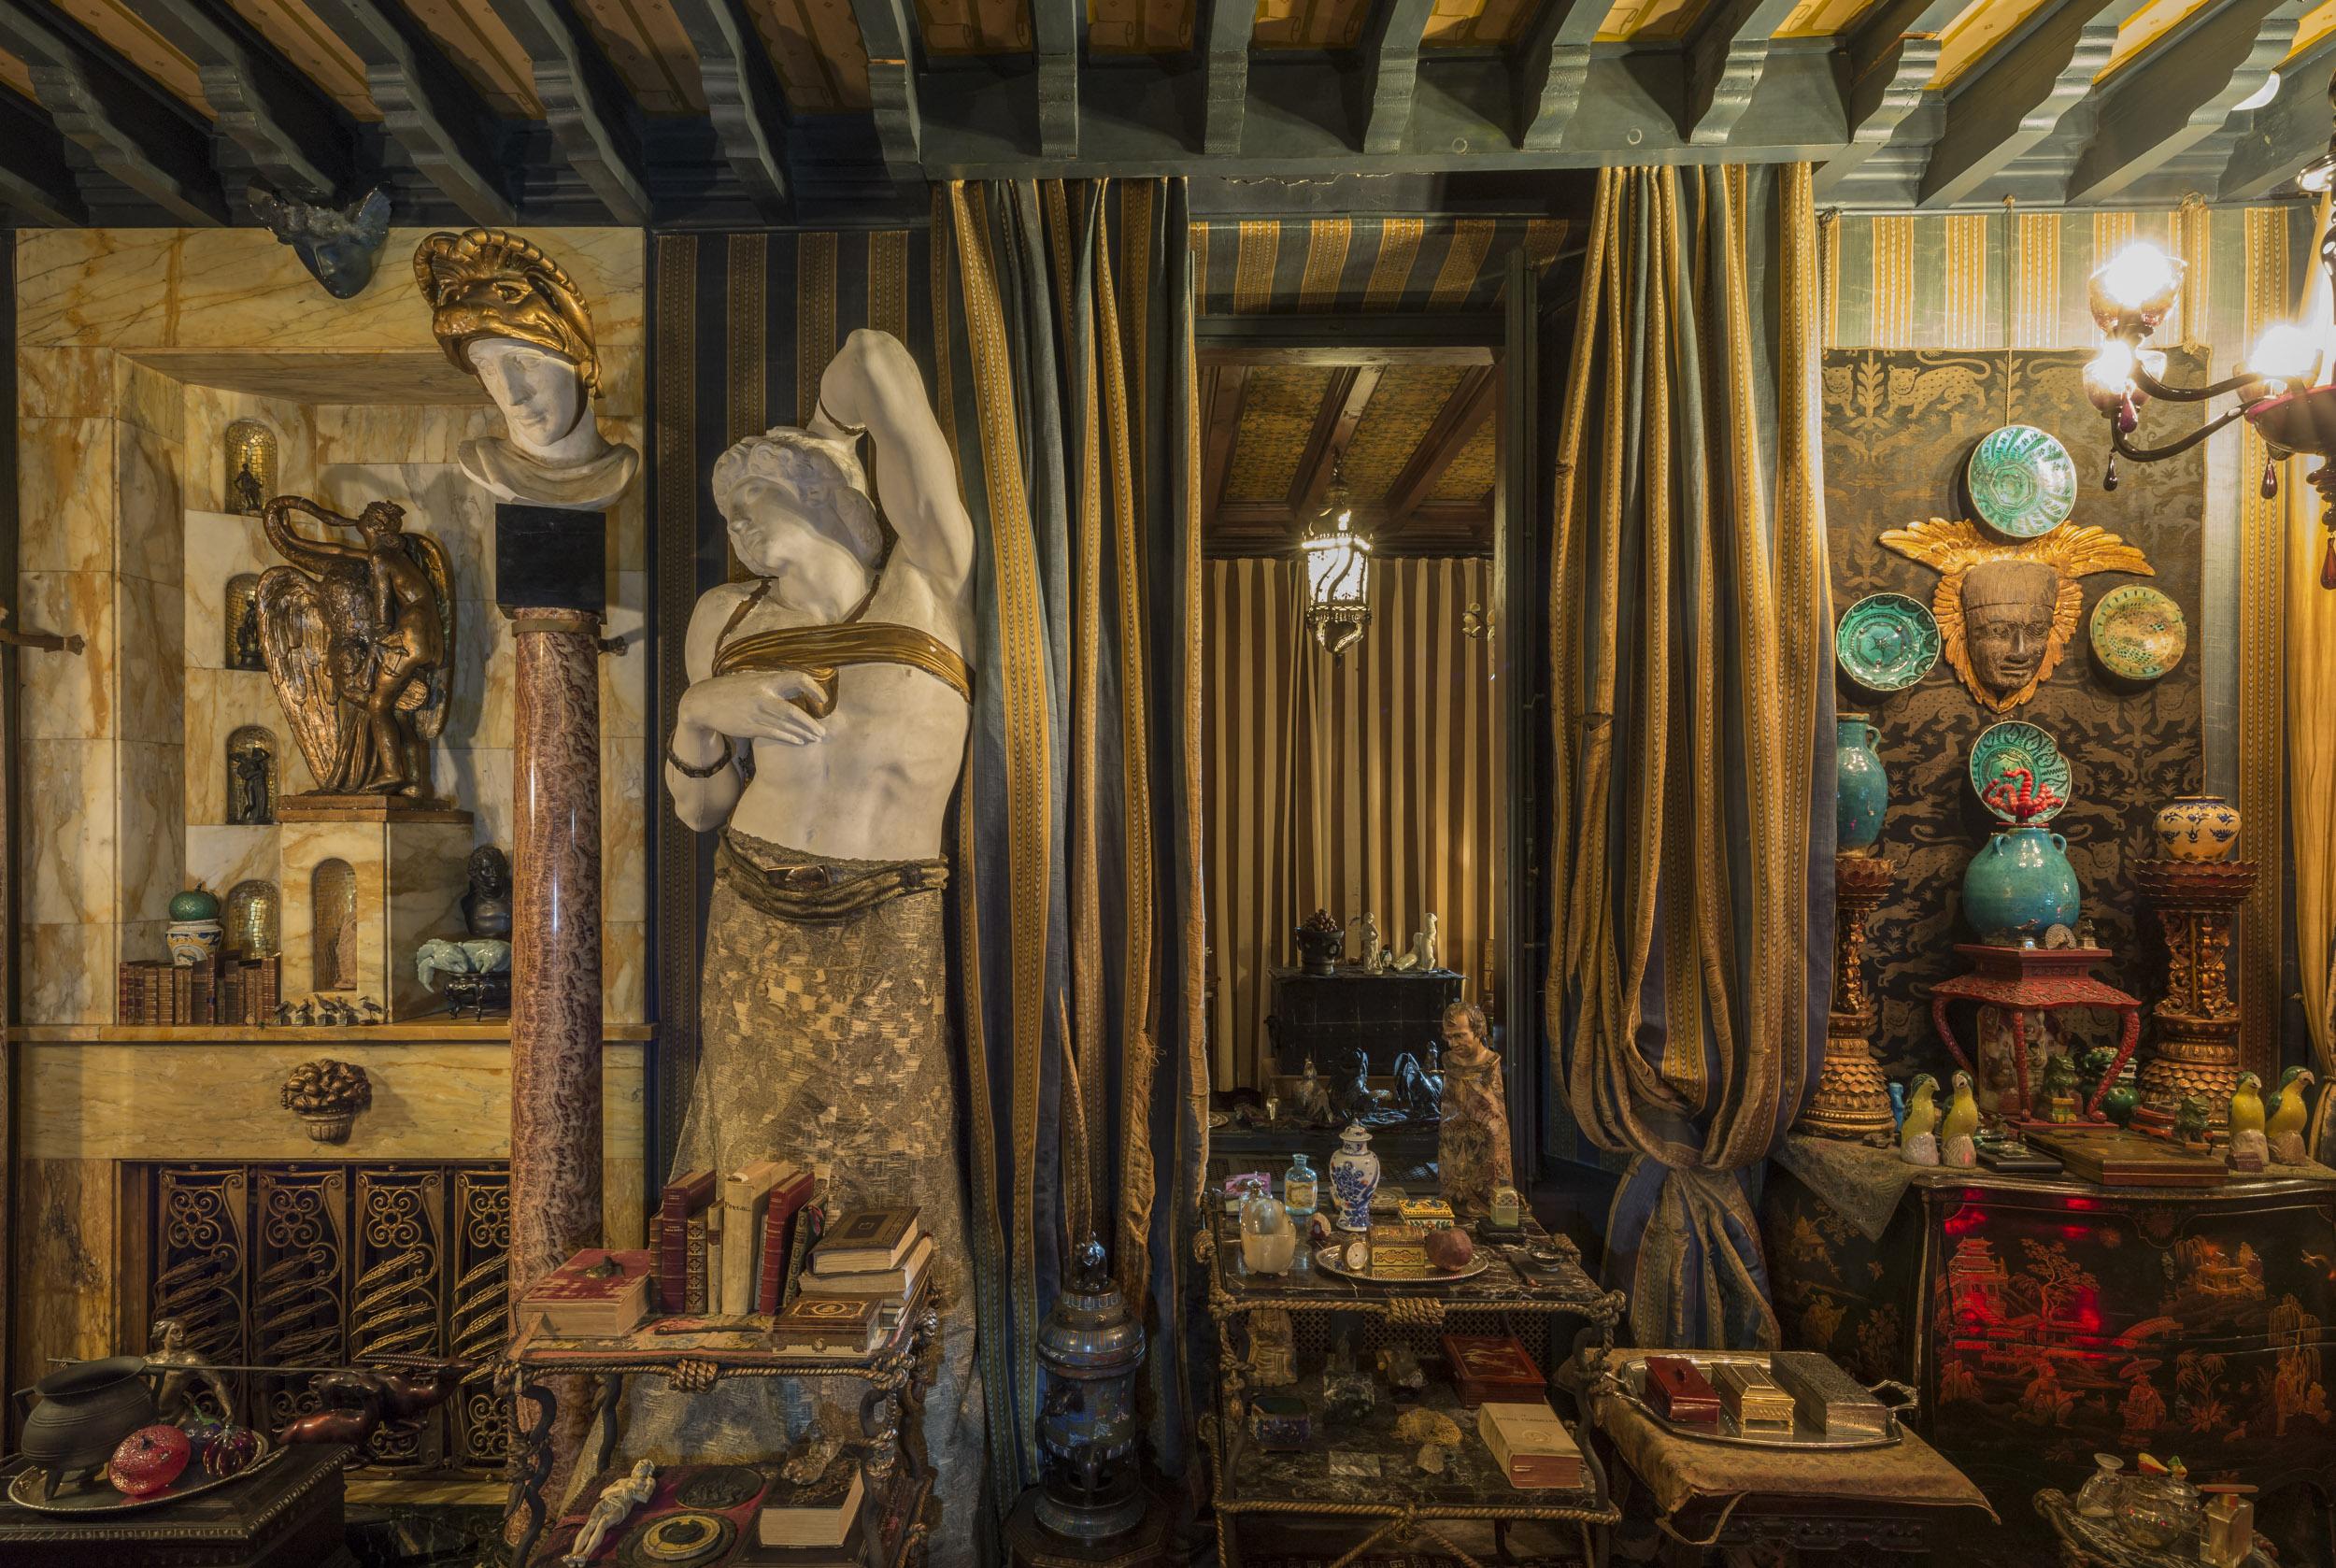 Gardone Riviera: Das gesamte Vittoriale wird vom 30. Mai bis zum 2. Juni wiedereröffnet